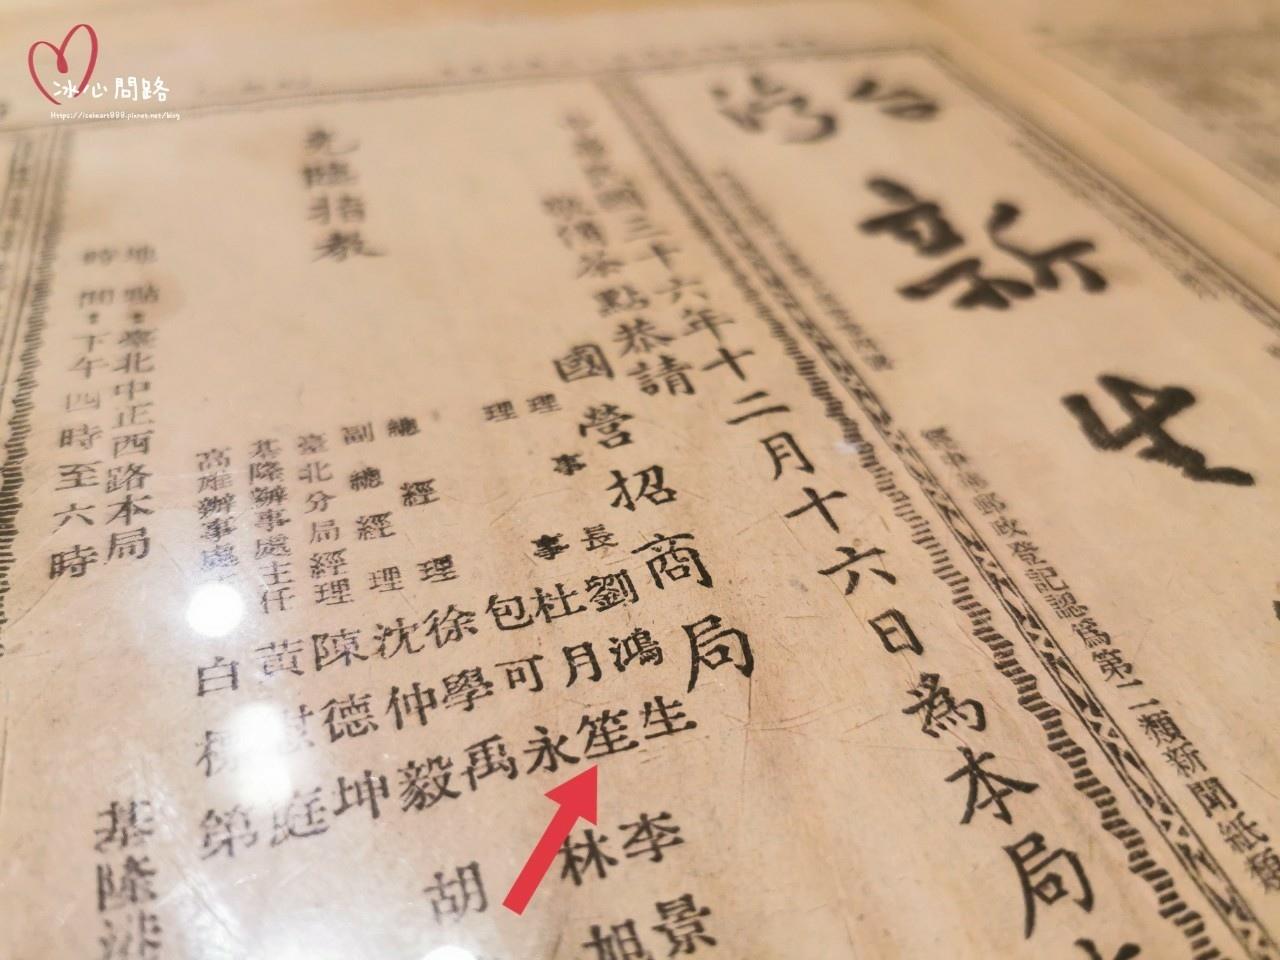 花蓮美食 燕子老宅 冰心問路 (7).jpg